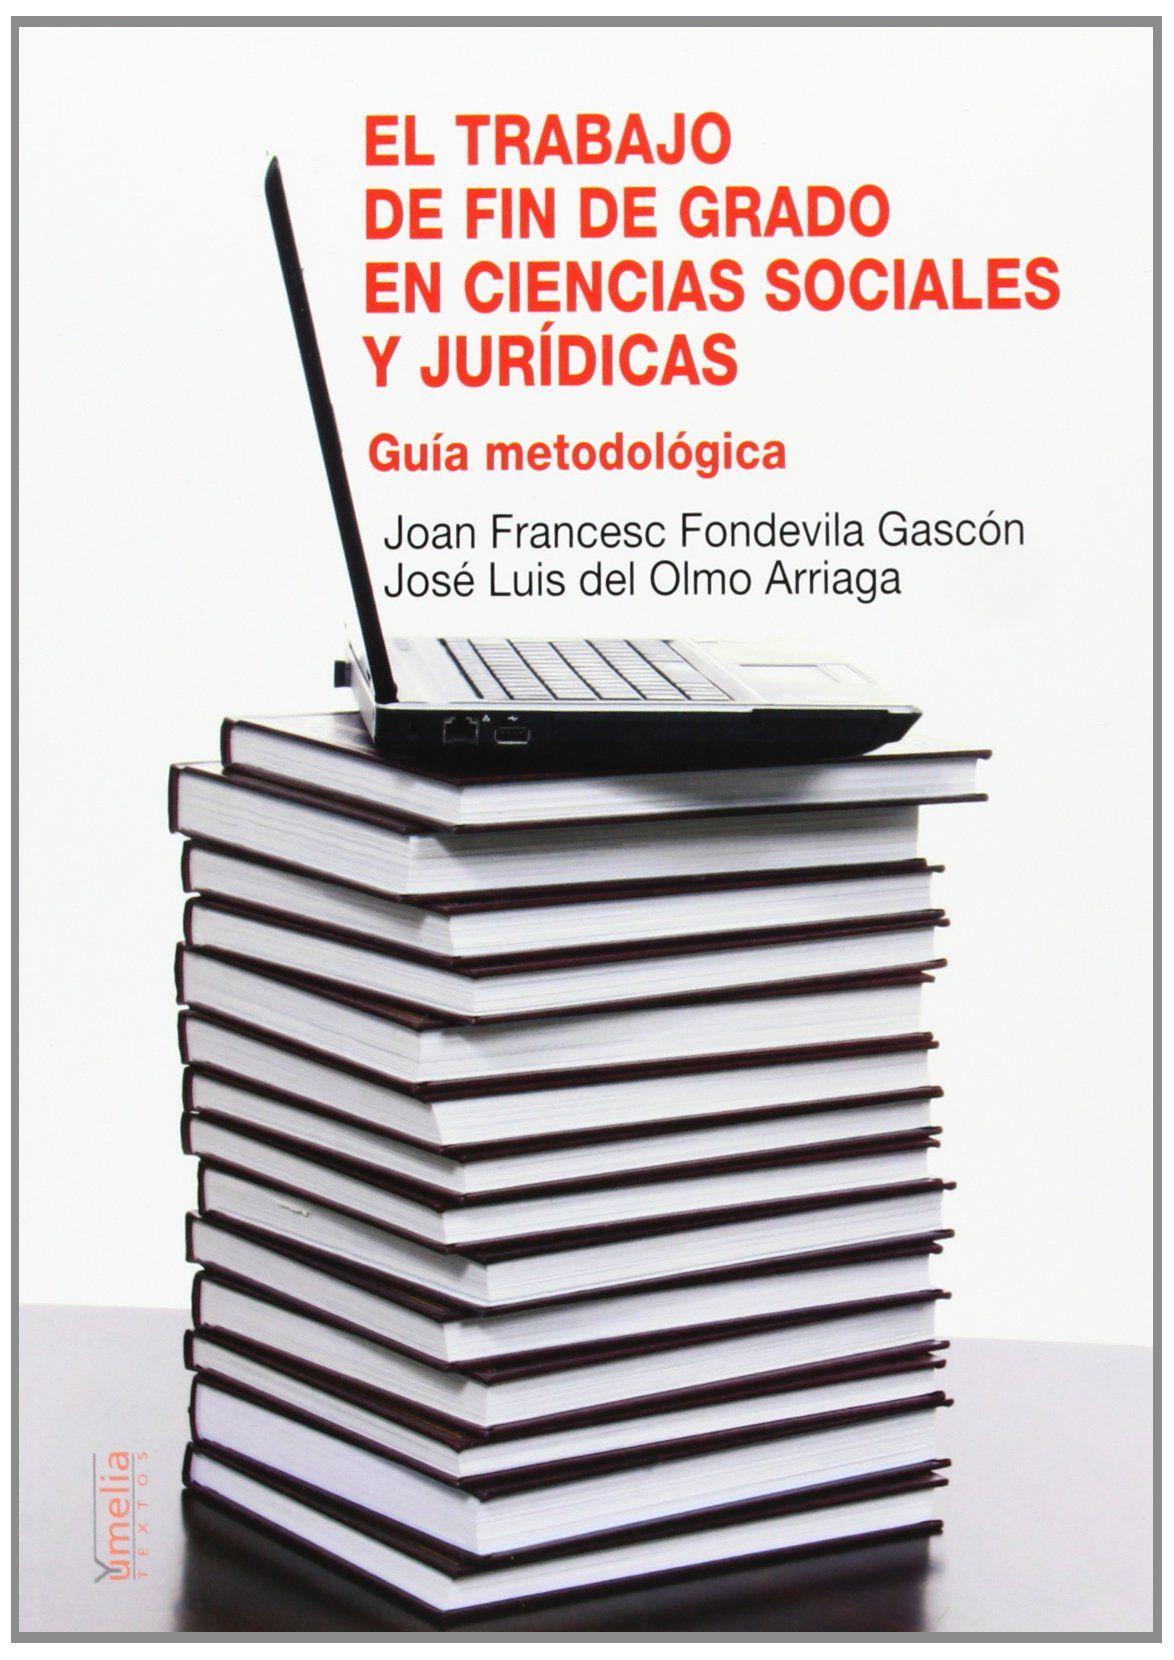 TRABAJO DE FIN DE GRADO EN CIENCIAS SOCIALES Y JURÍDICAS